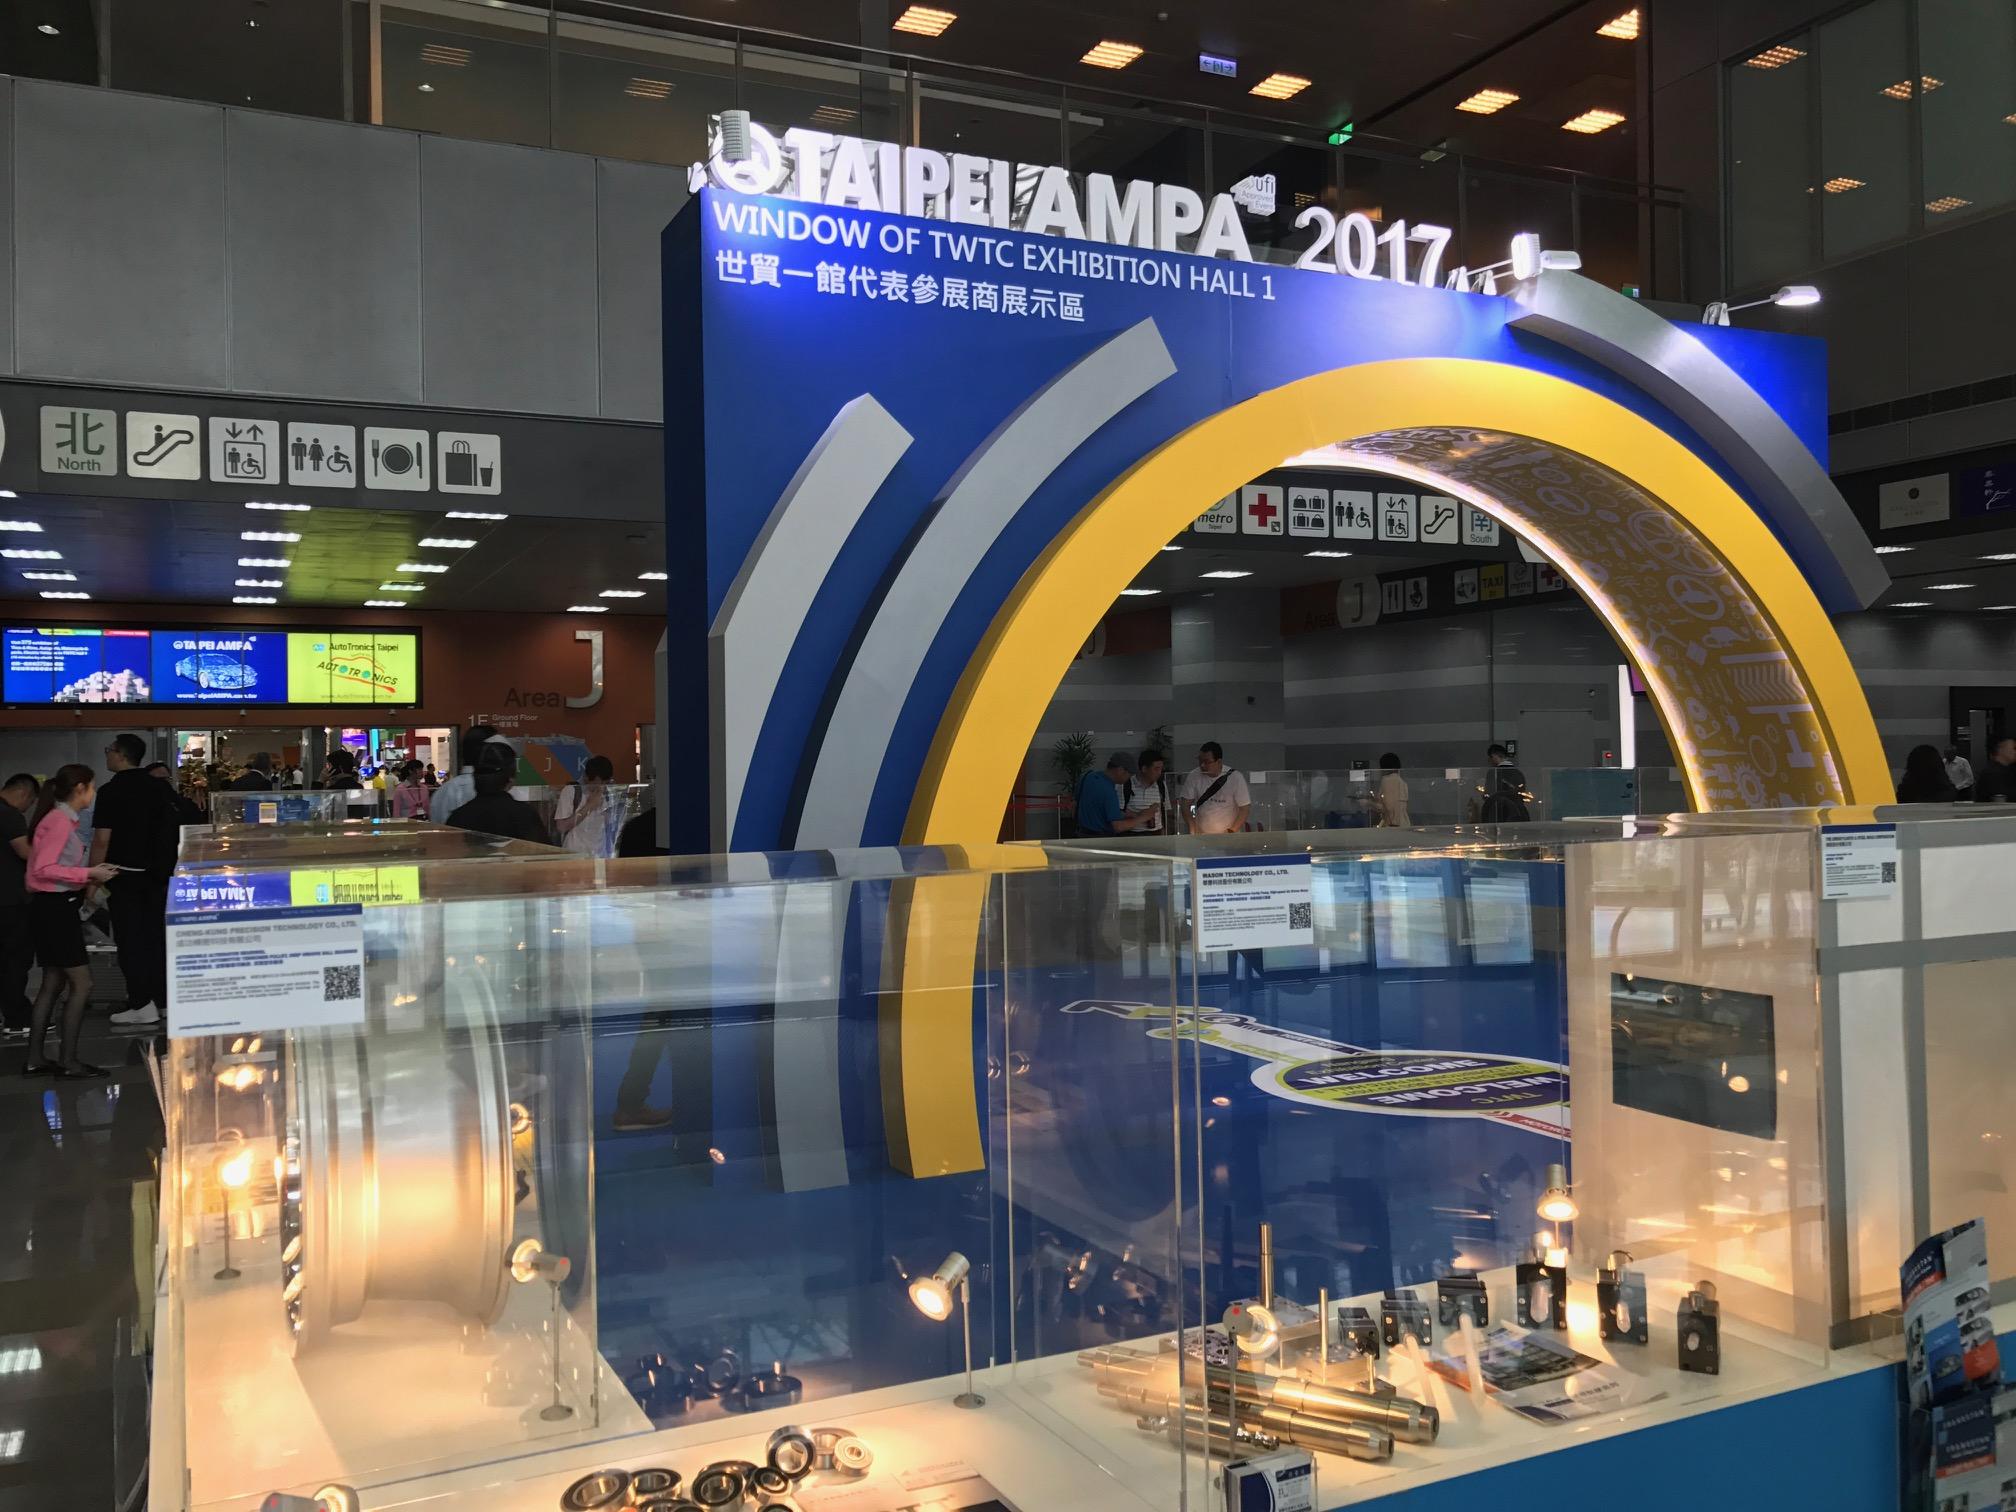 台北AMPA2017